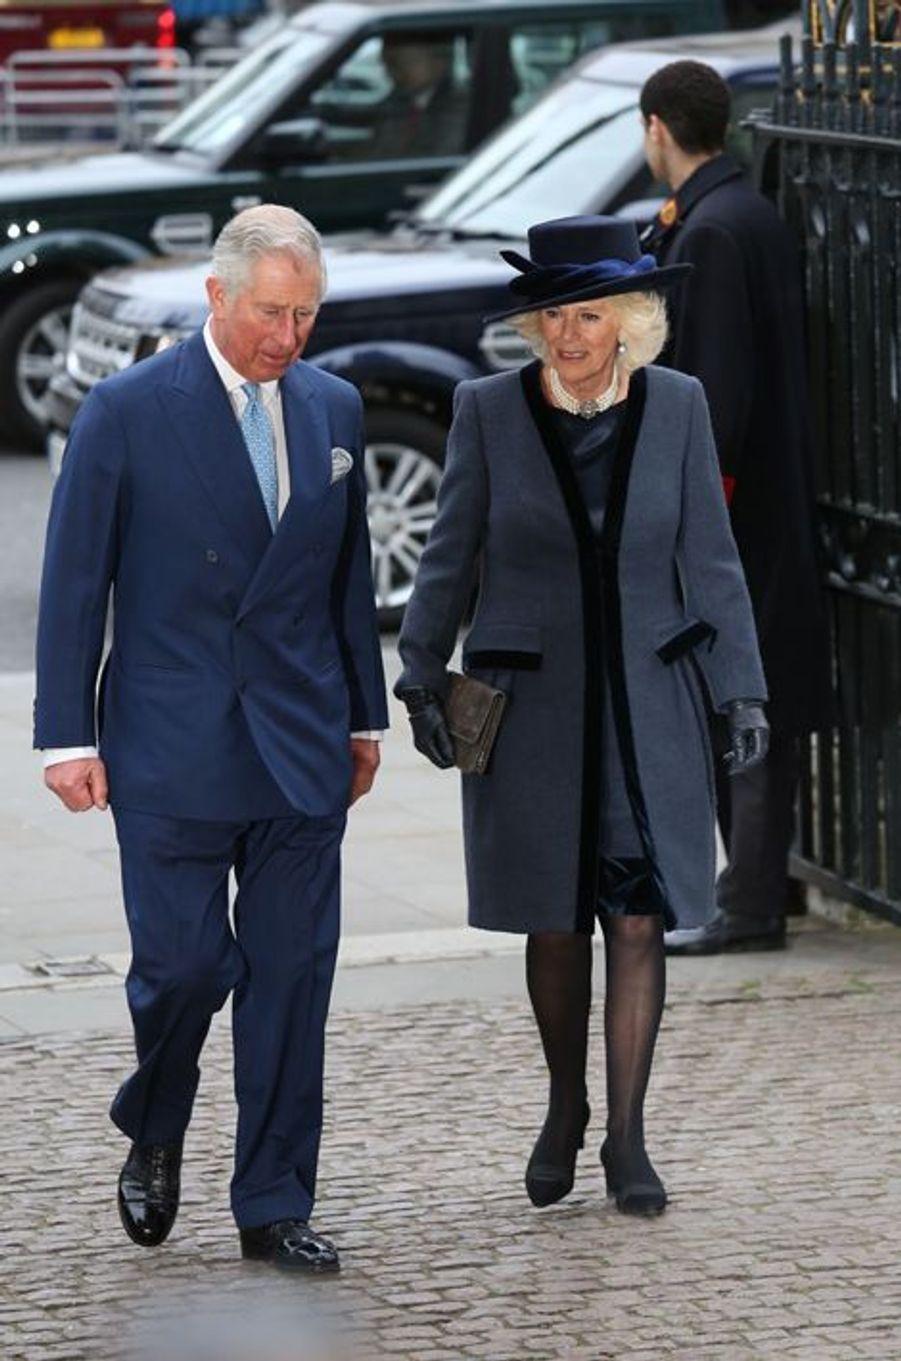 Le prince Charles er Camilla arrivent à l'abbaye de Westminster à Londres pour le Commonwealth Observance service, le 9 mars 2015